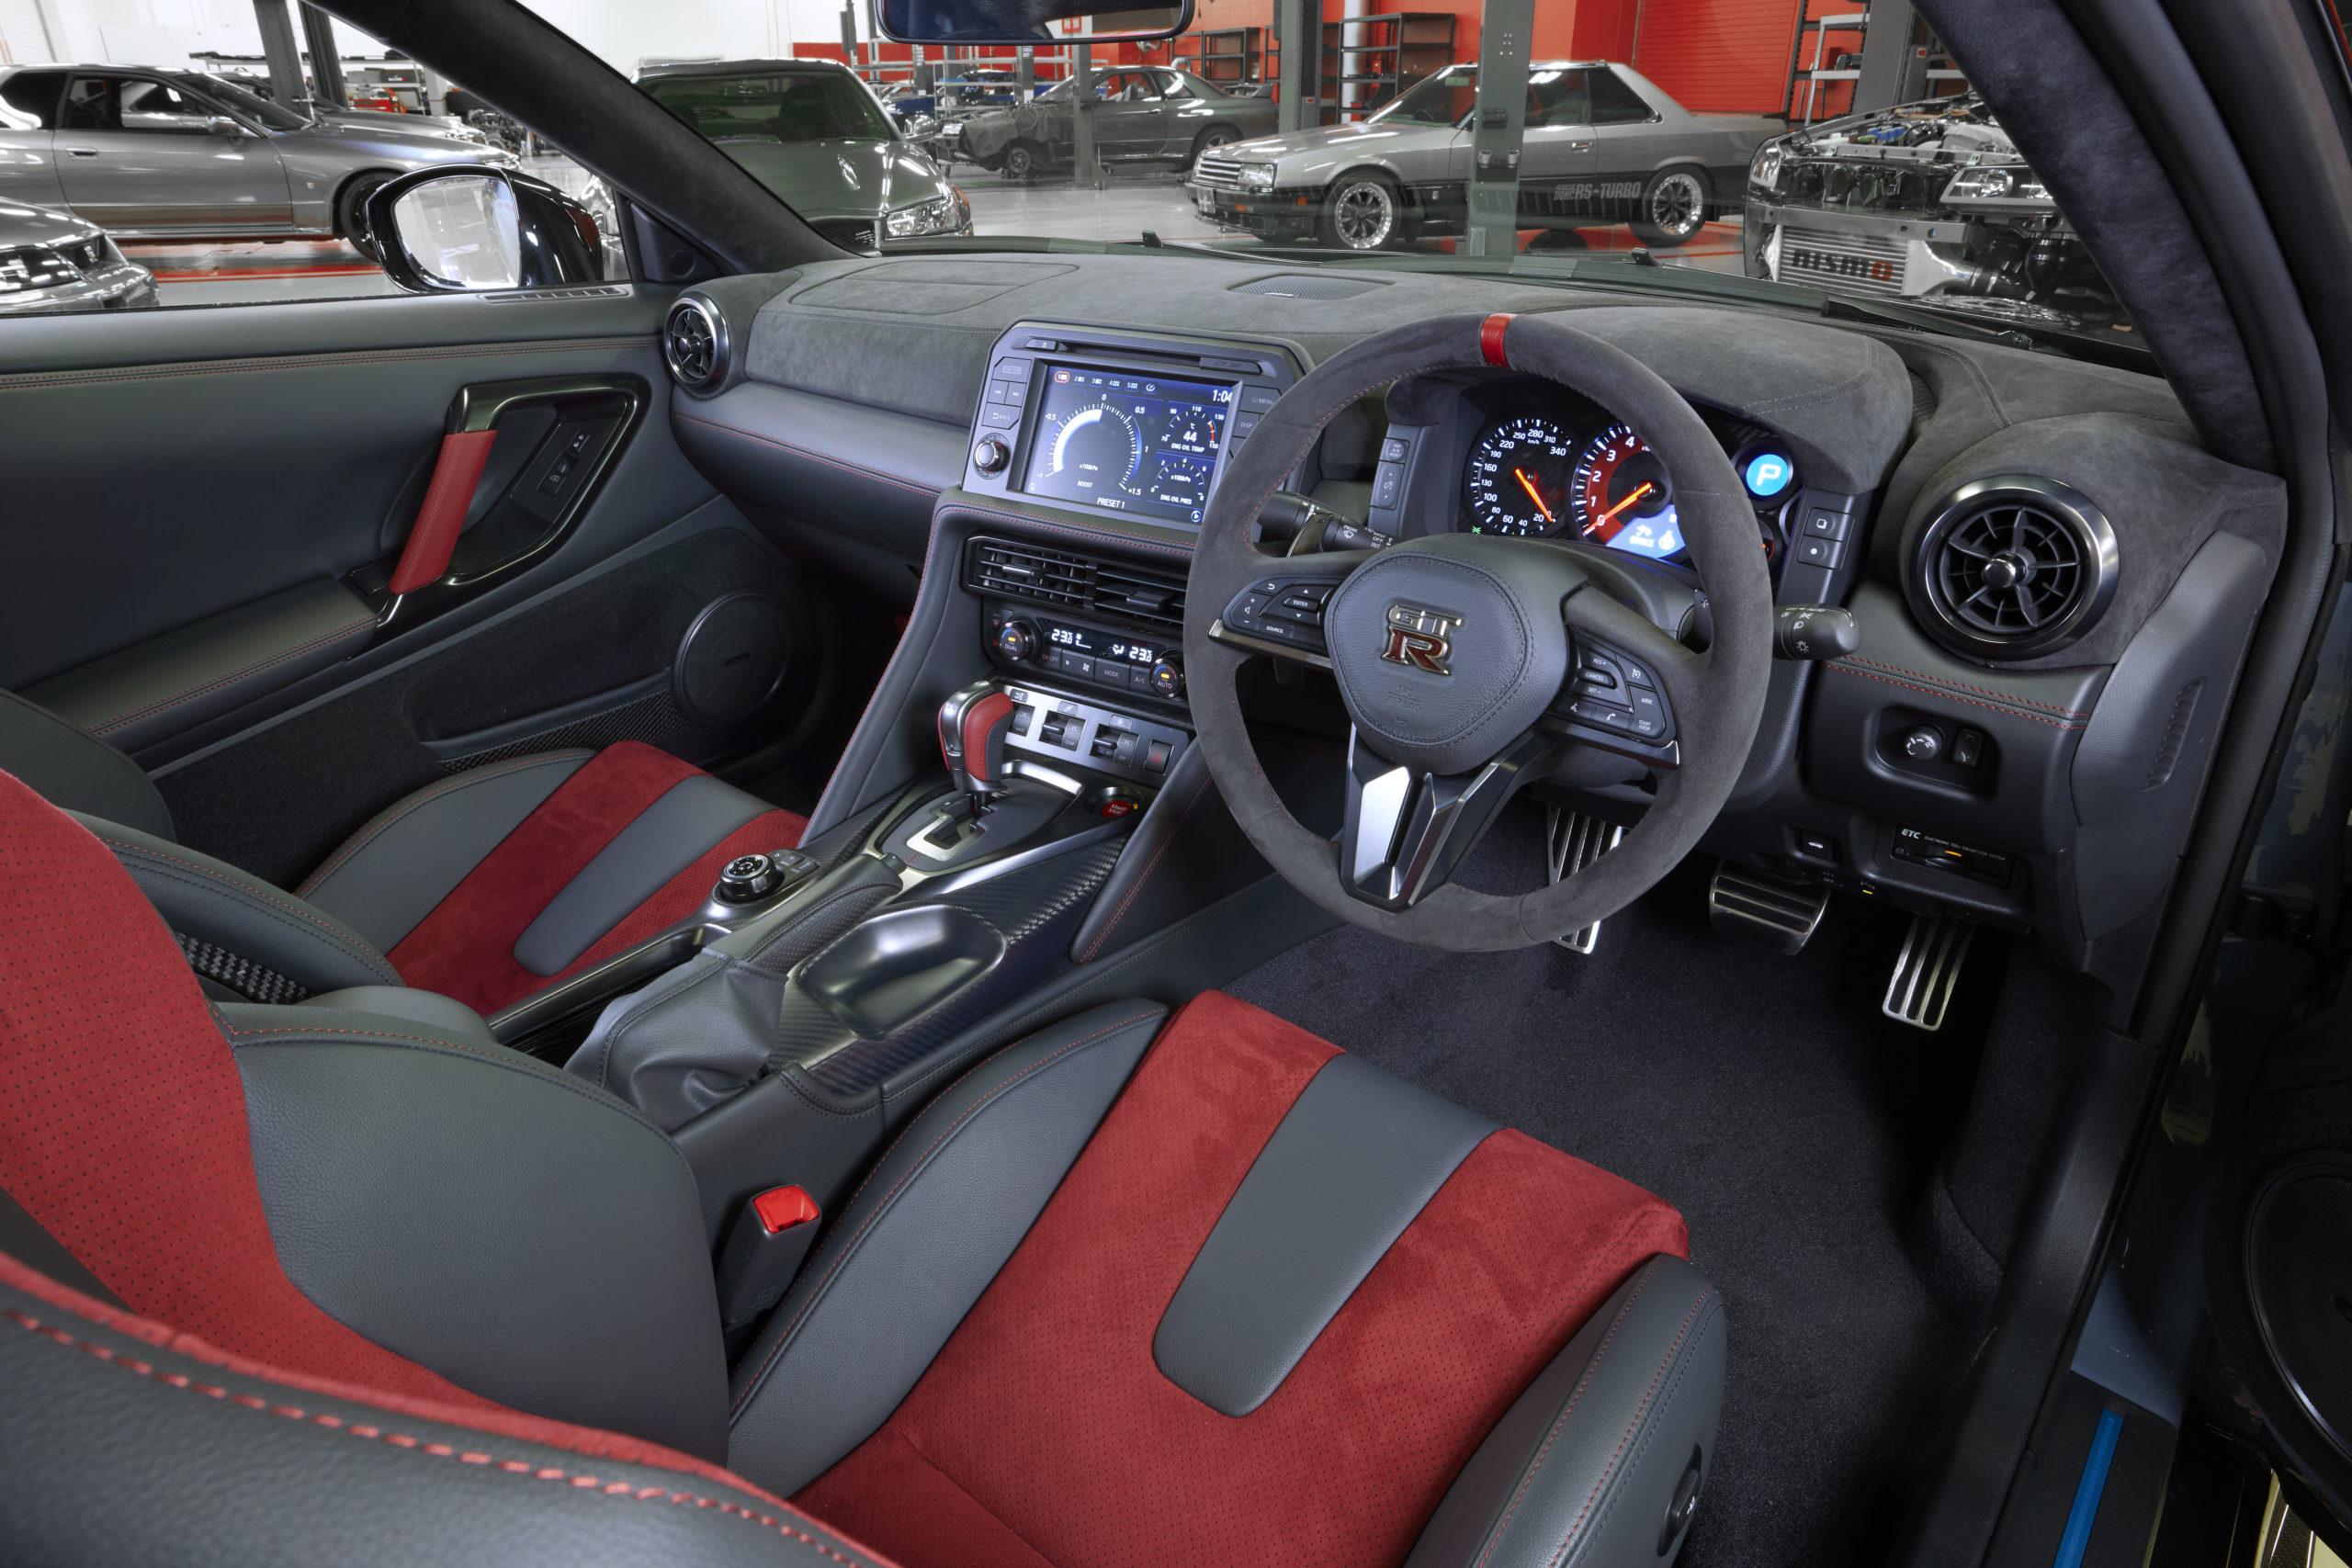 2022 Nissan GT-R NISMO Special Edition interior